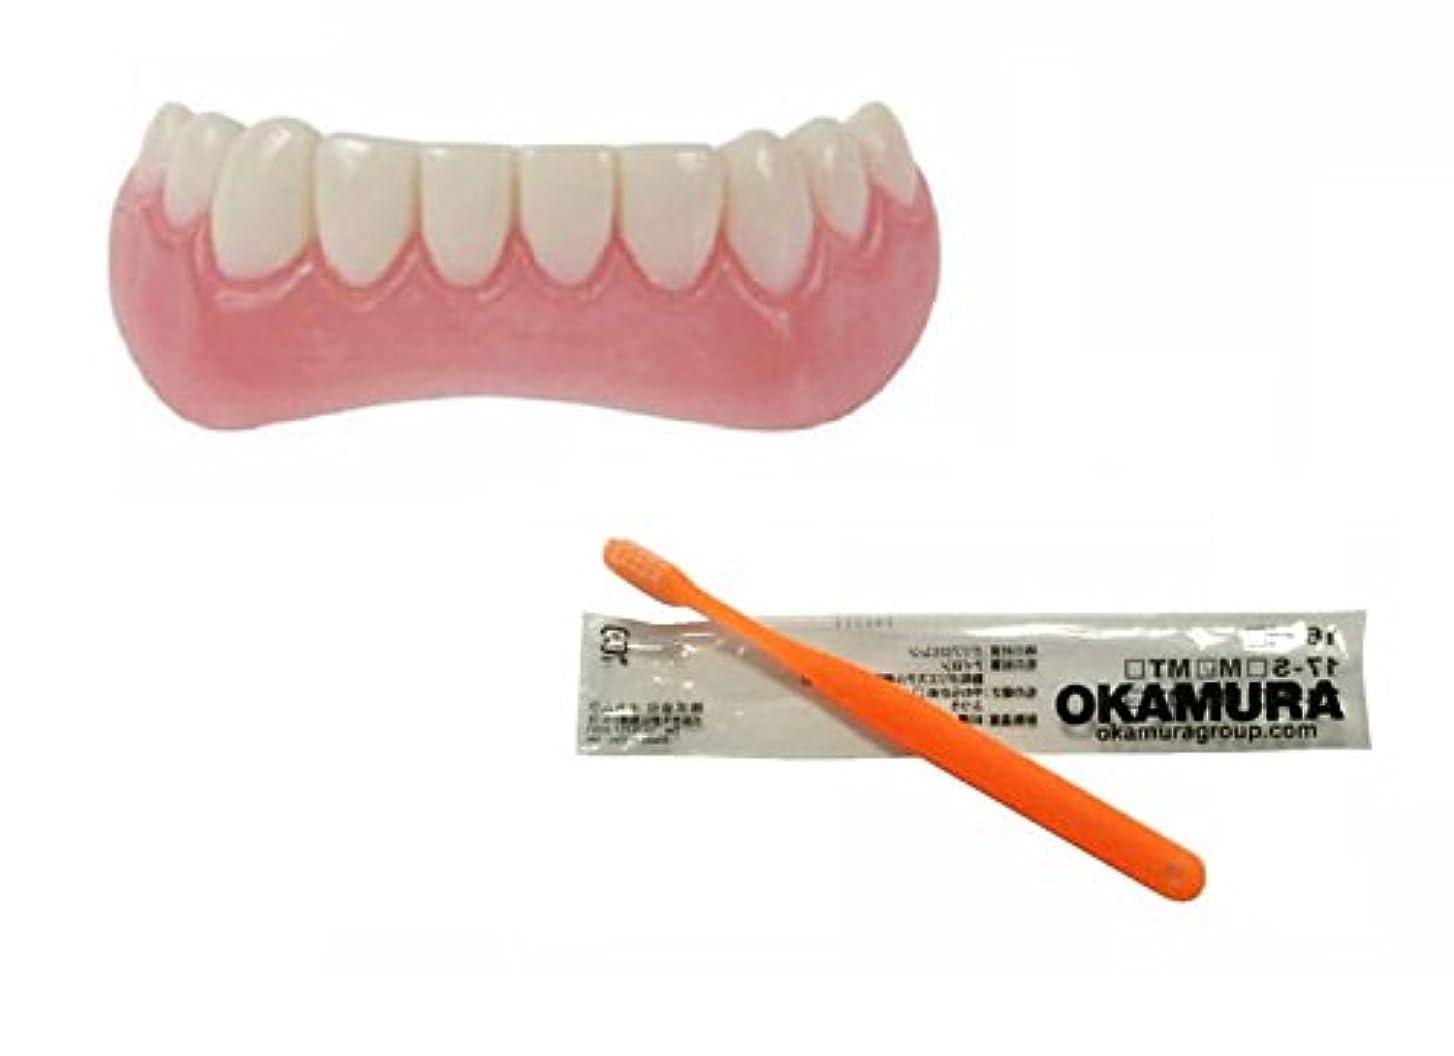 ラッカスアサー帰するインスタントスマイル 下歯用 フリーサイズ + OKAMURA 歯科医推奨歯ブラシ セット